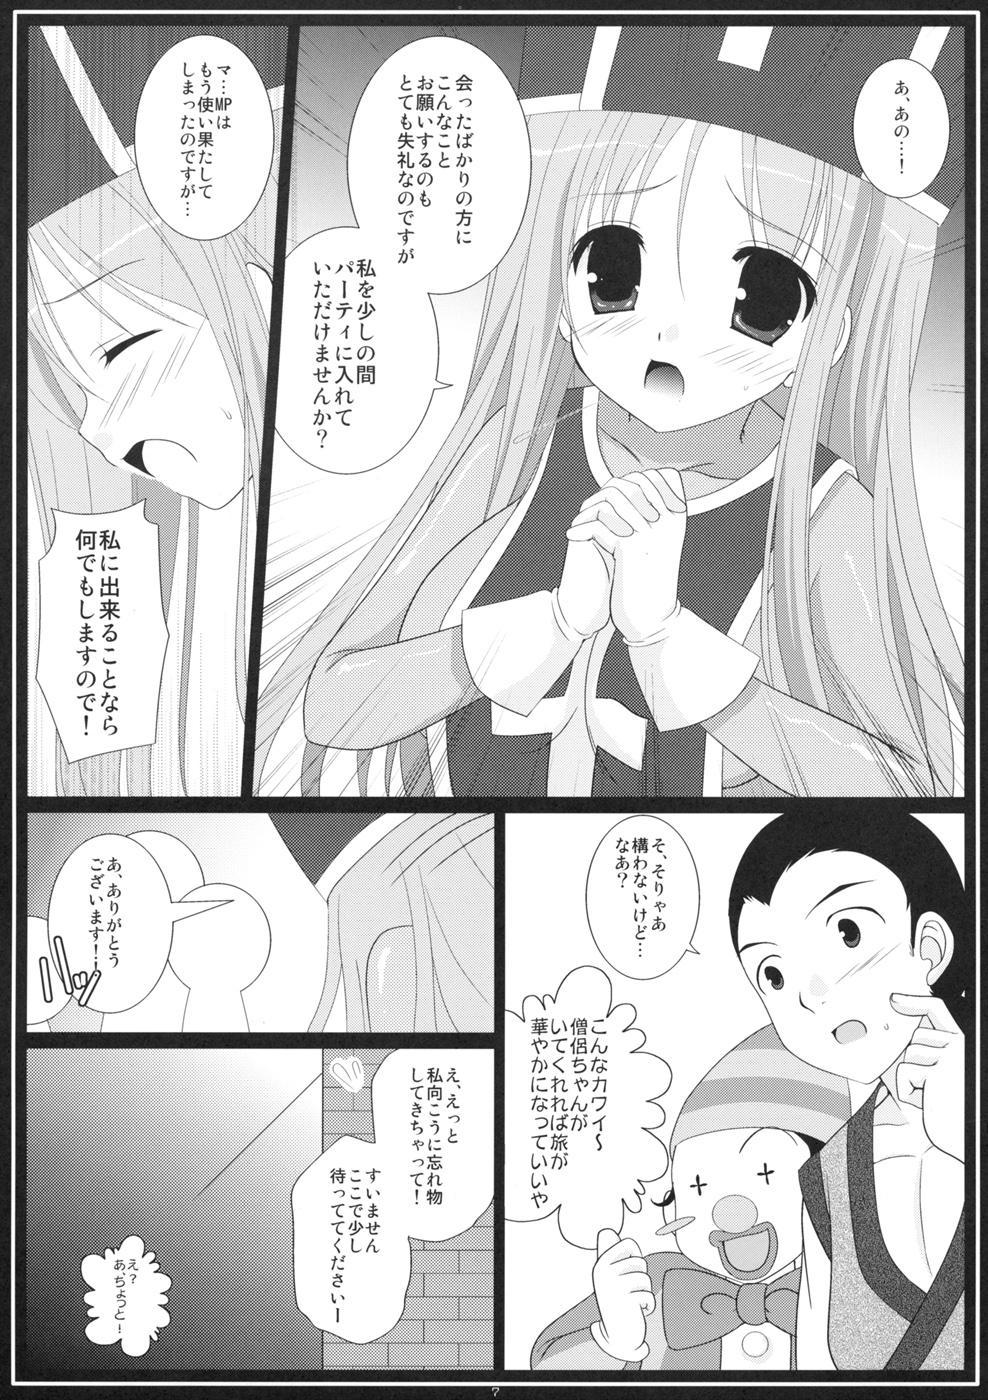 Rakugetsu Okuryou 6